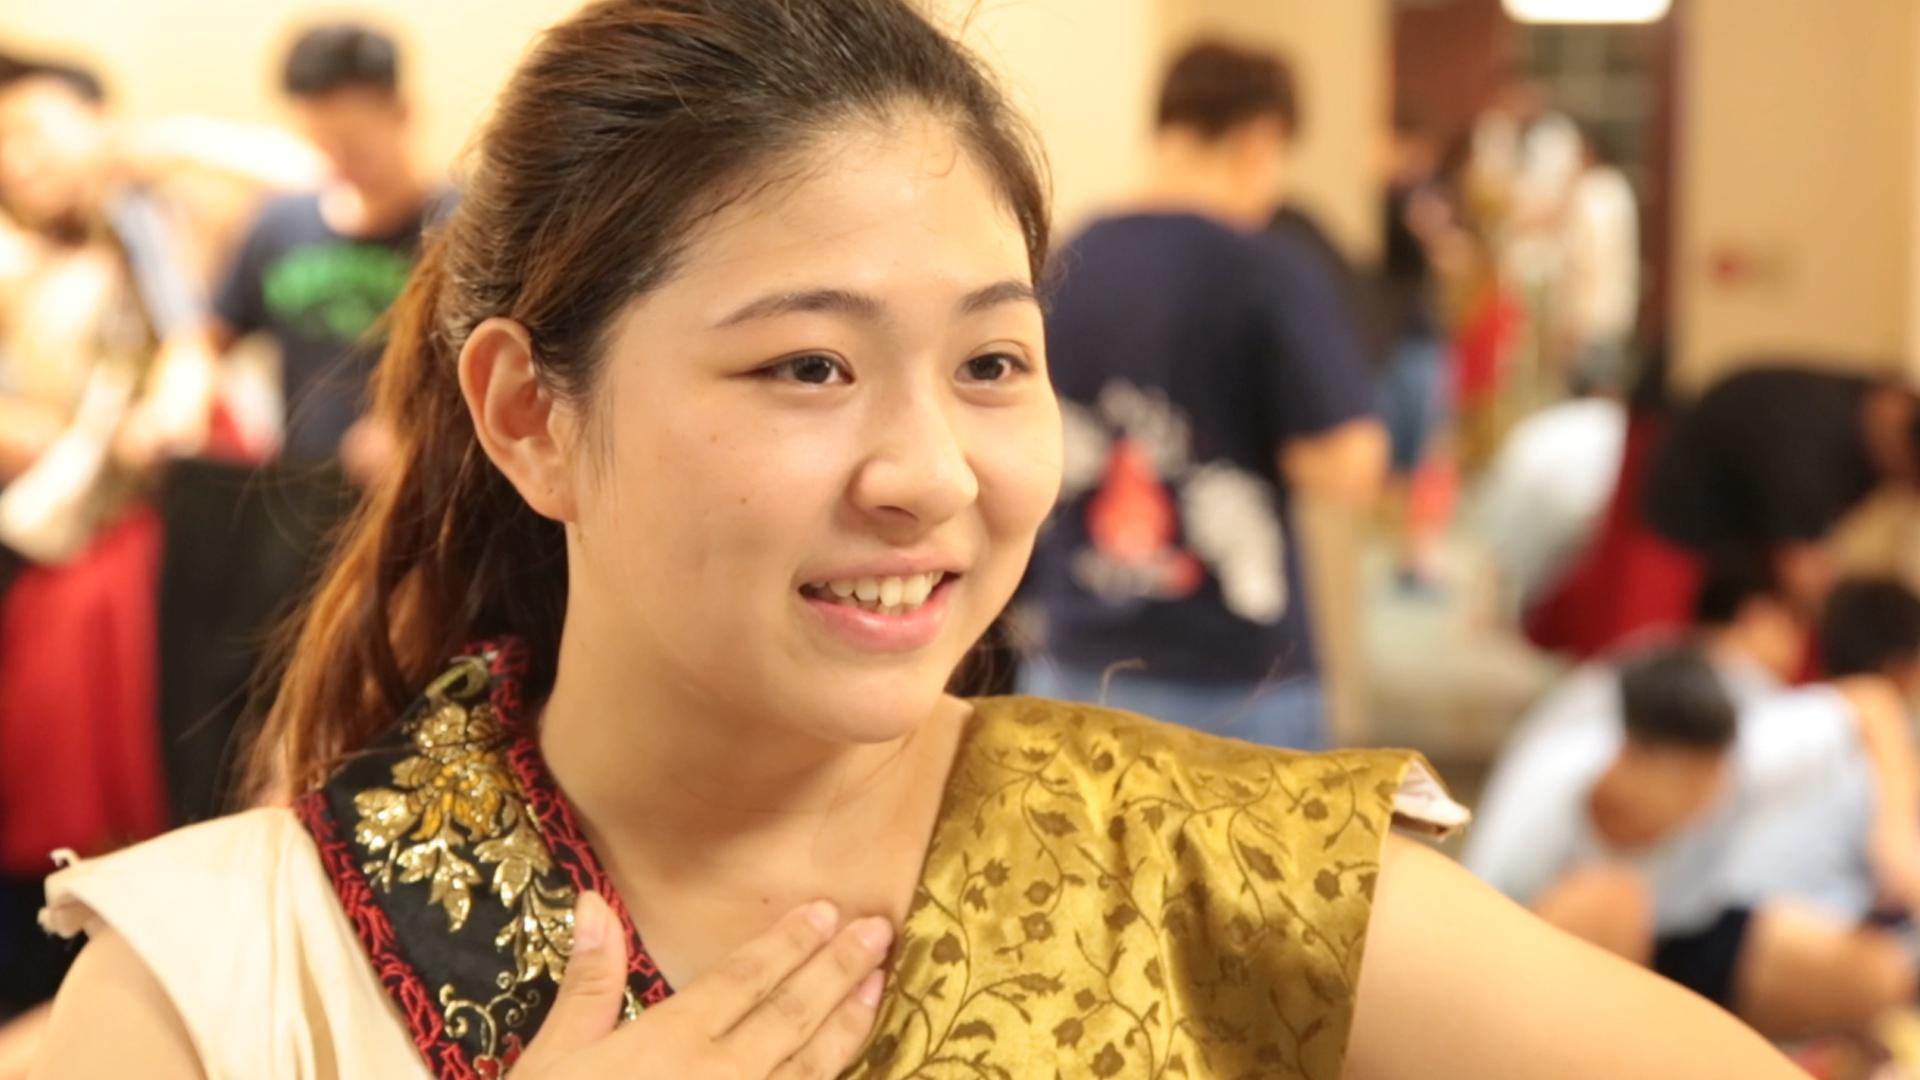 台南大學民俗隊隊長葉欣宜分享表演完的心情.jpg